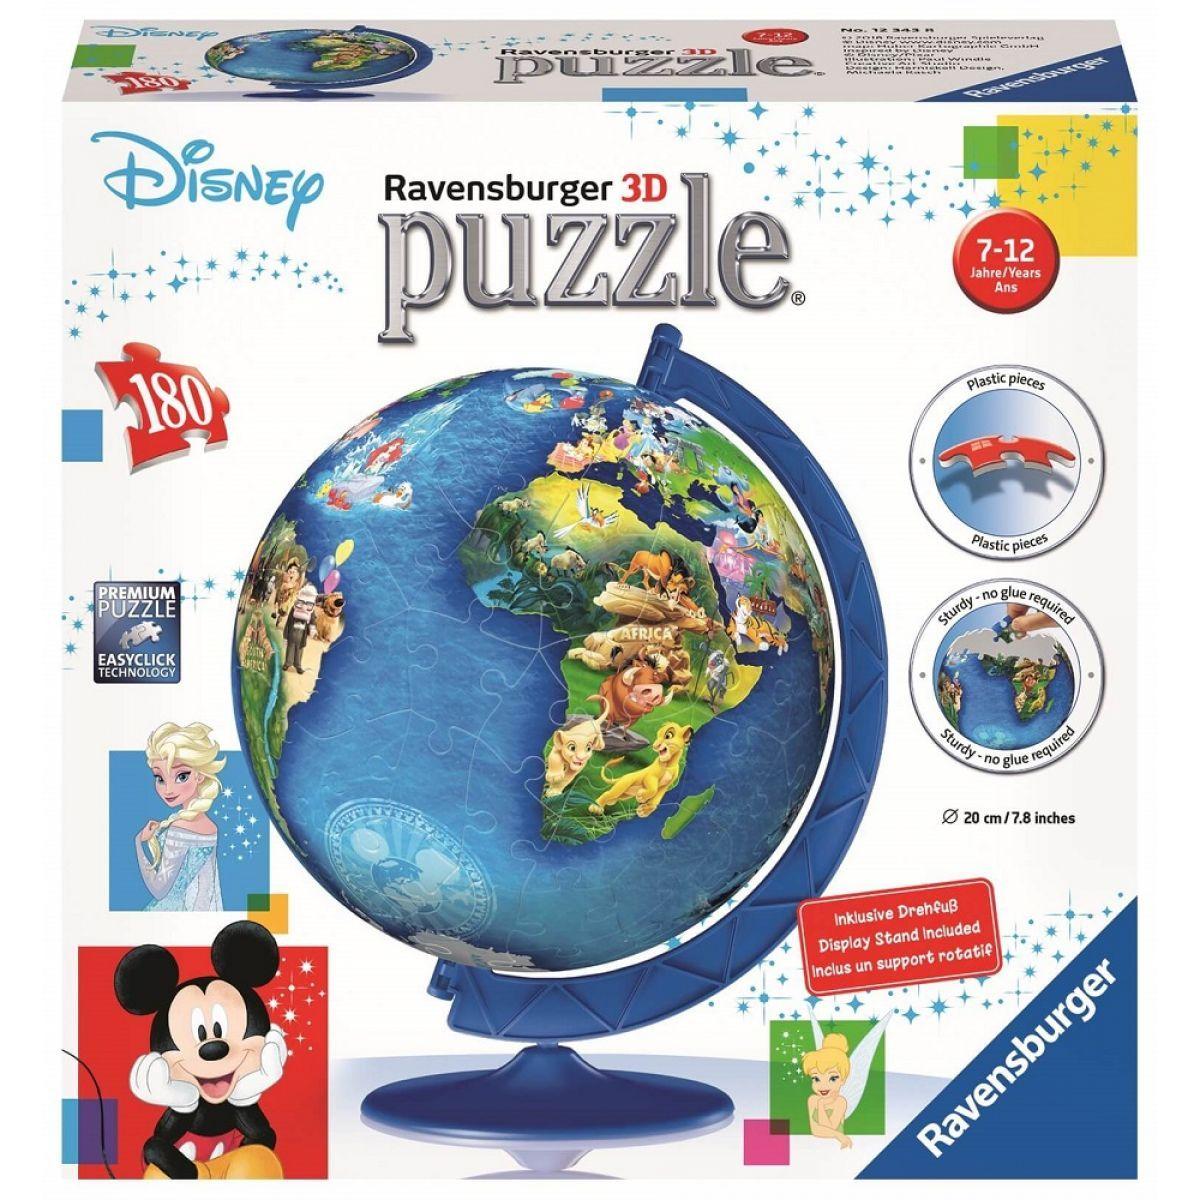 Ravensburger 3D Puzzle Disney Globus 180 dílků